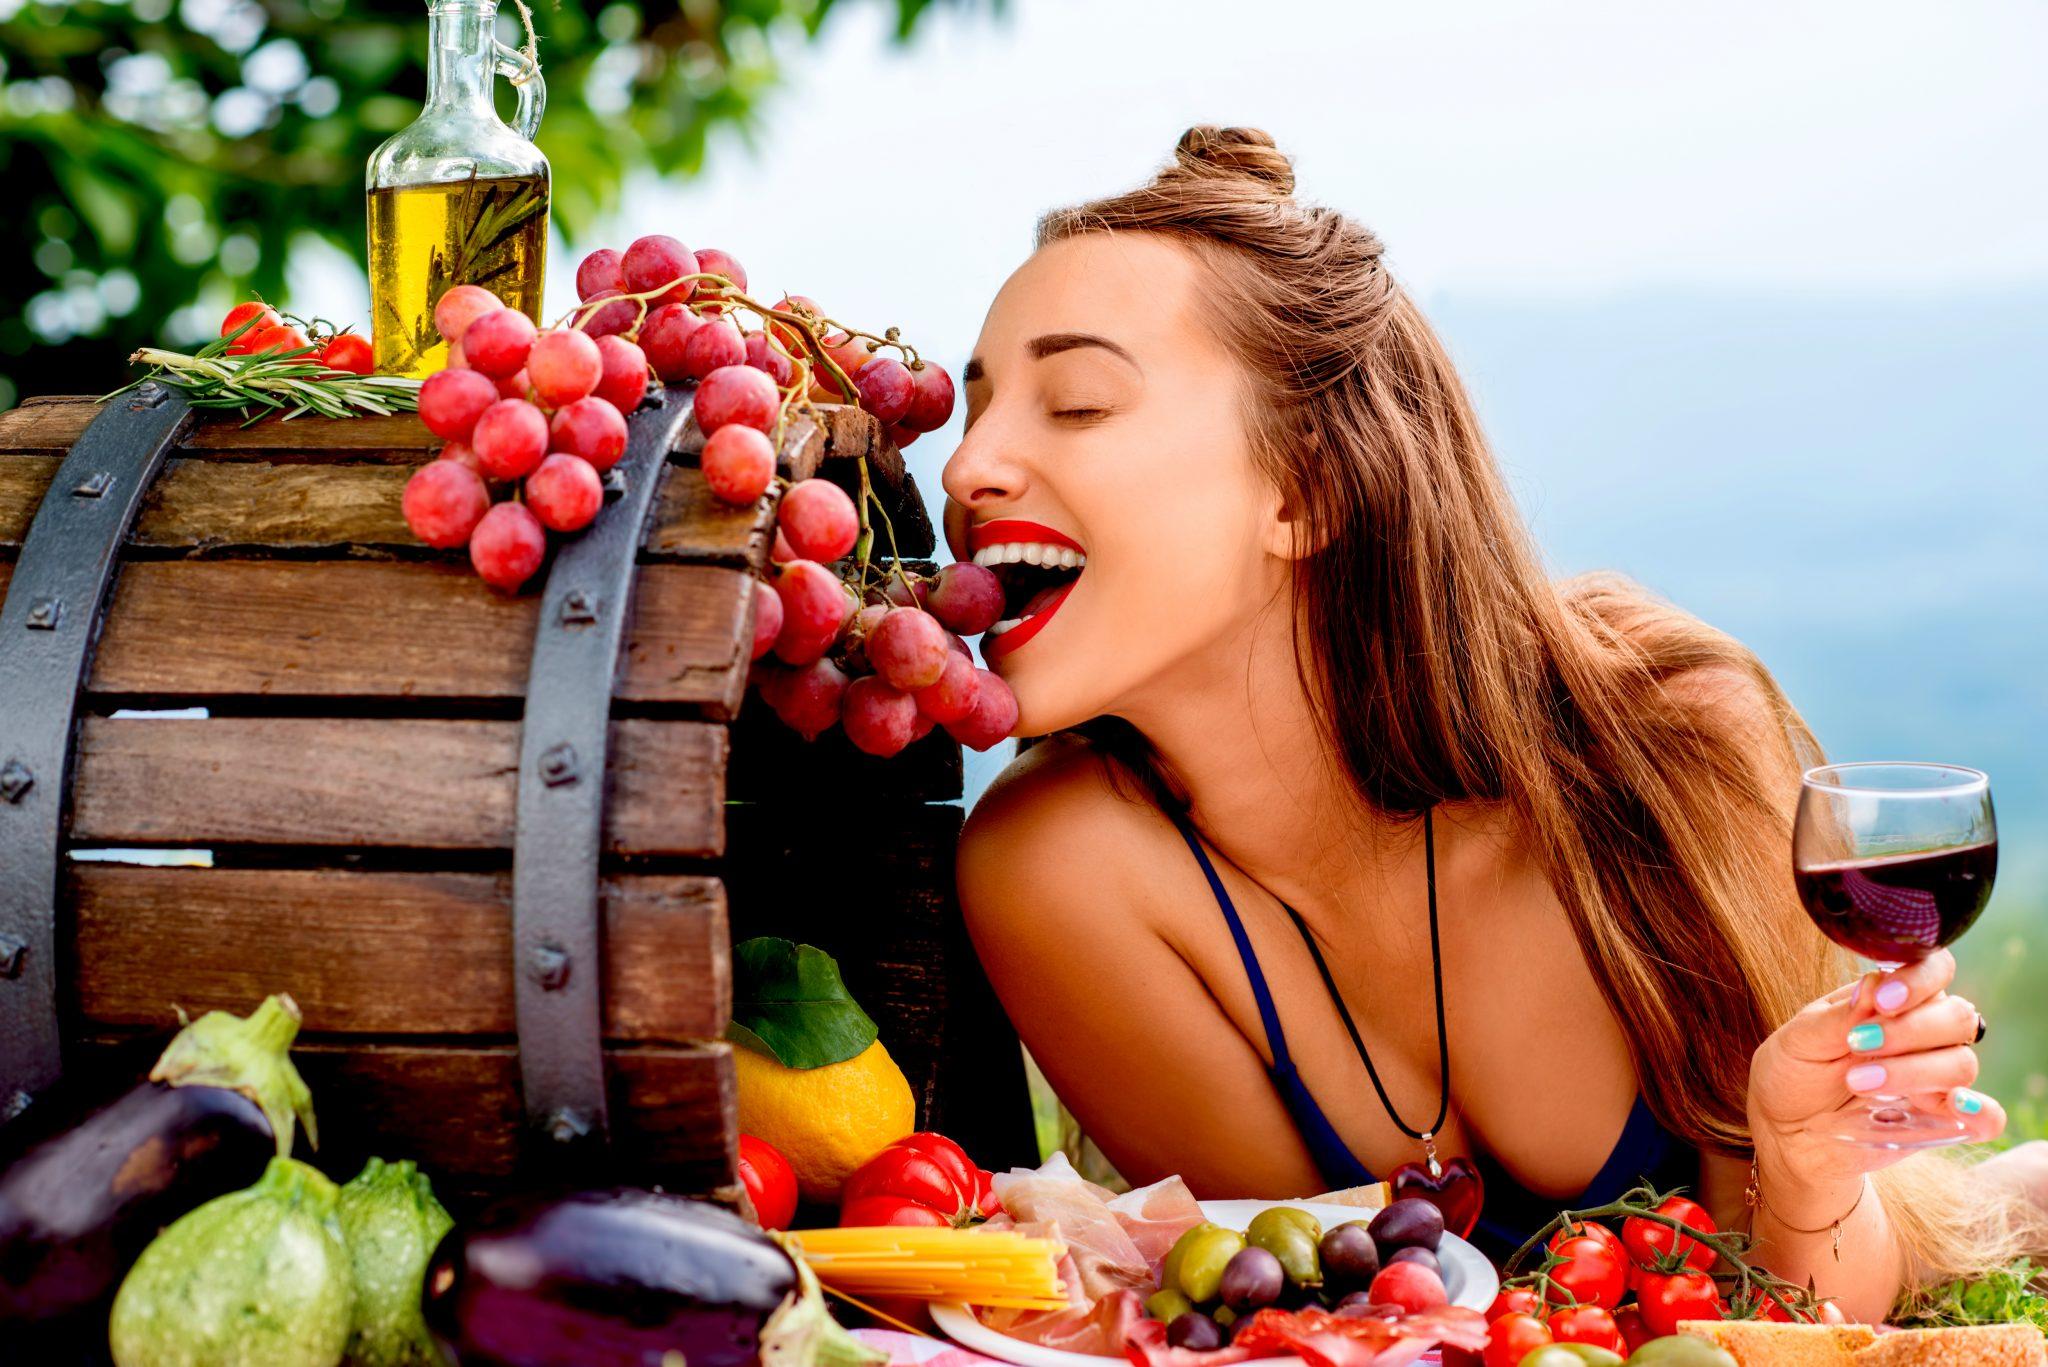 赤ワインを飲みながらブドウを食べている女性